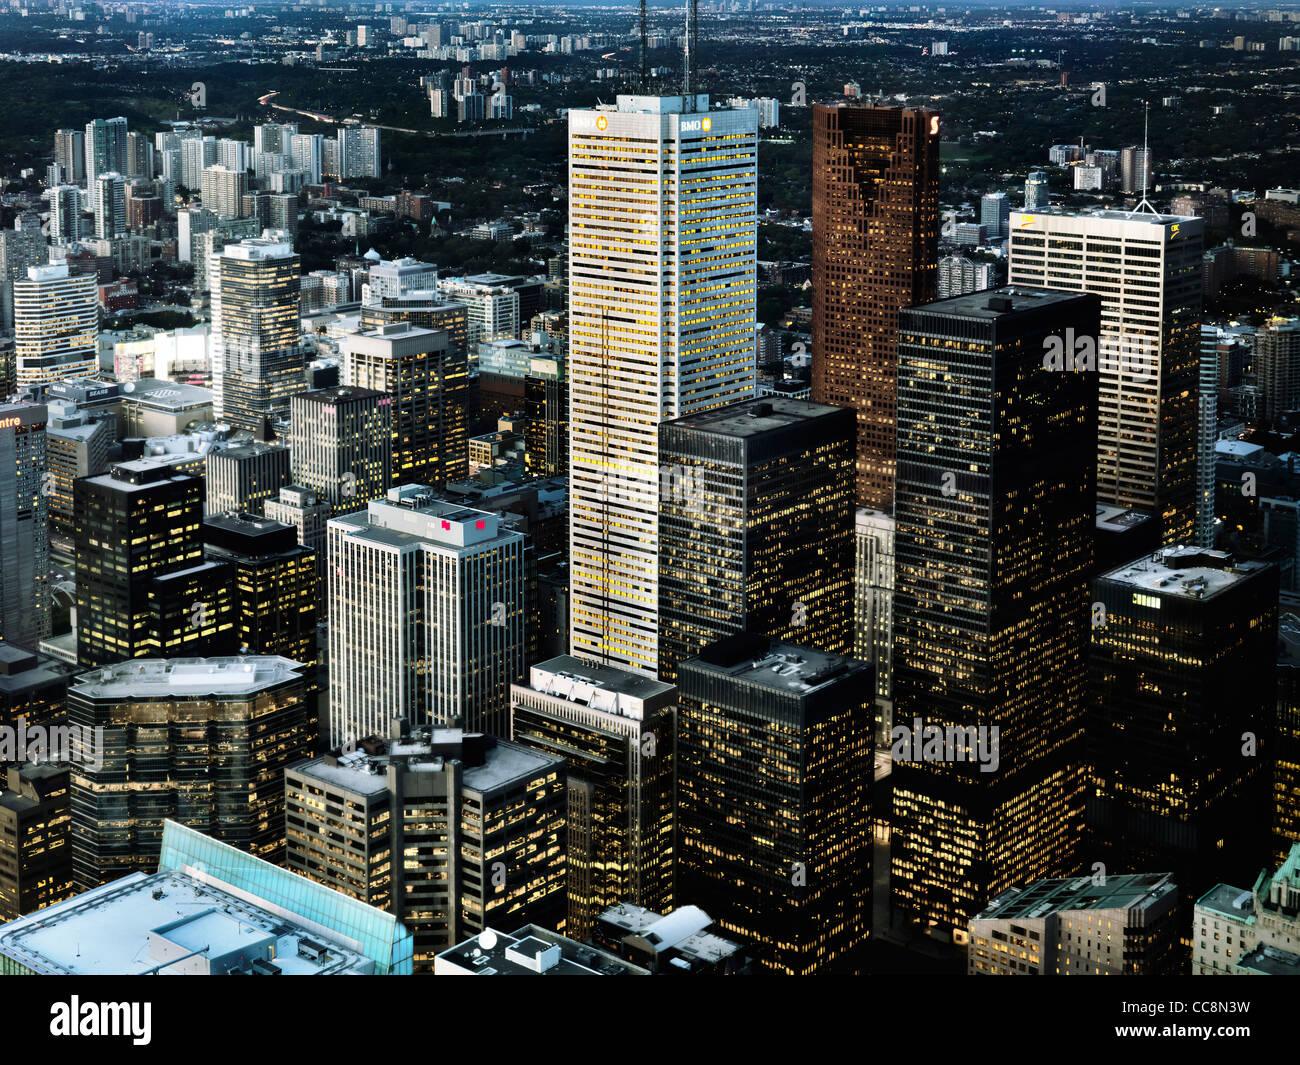 Vista aerea della città di Toronto Downtown towers al crepuscolo, Ontario, Canada 2009. Immagini Stock